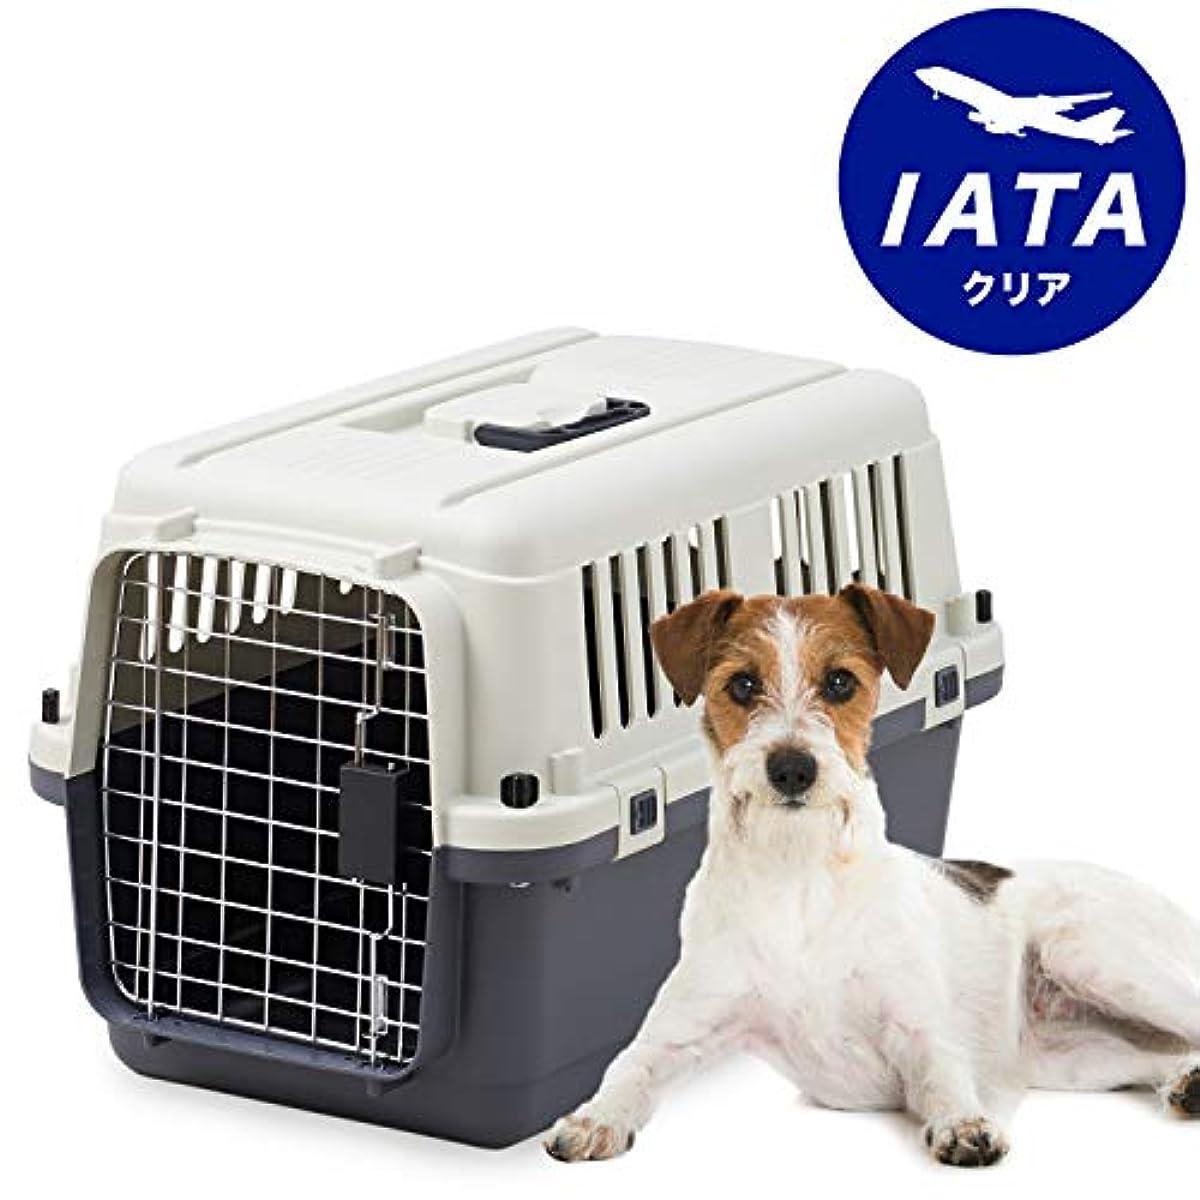 [해외] 【SPACE OFT】 애완동물 켄 네루・퍼스트 클래스 L60 【외치수】폭40×오60.5×고40.5CM 본체 중량(약):3KG 개 캐리 고양이 캐리 애완동물 캐리 게이지 하드 캐리 손잡이 부착 실내복 하우스 IATA안전 기준 클리어 ※스틸제 문의 그물코(그물망)이 화상으로 부터 세세하게 됩니다.미리 승낙의 돔 아무쪼그린 부탁드립니다.